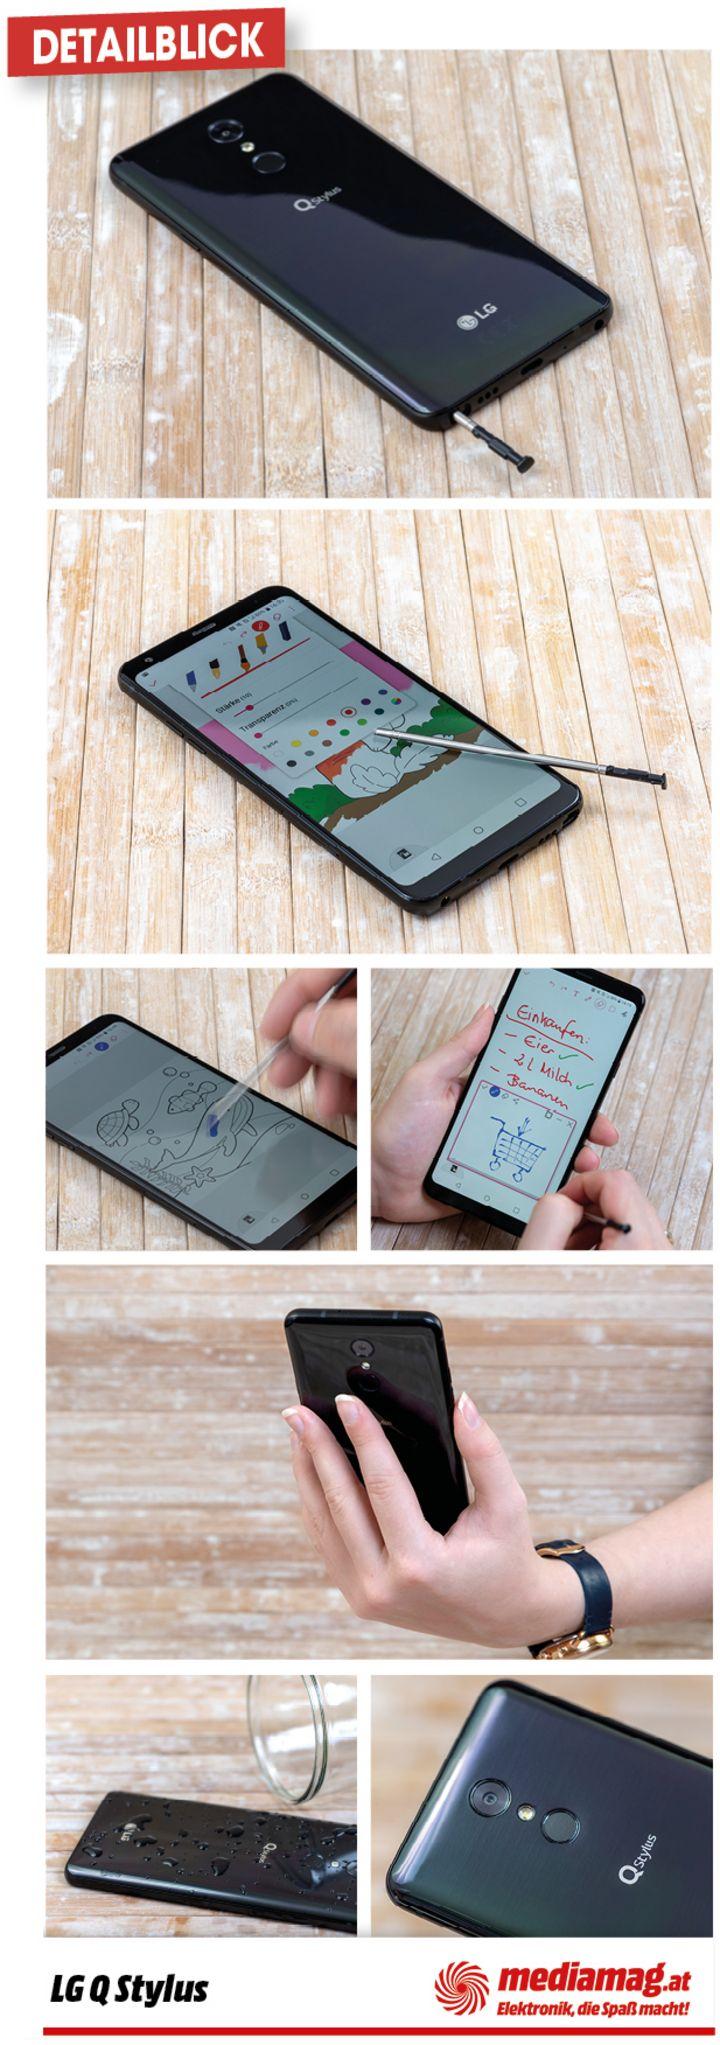 Das Smartphone steckt in einem stabilen Gehäuse.